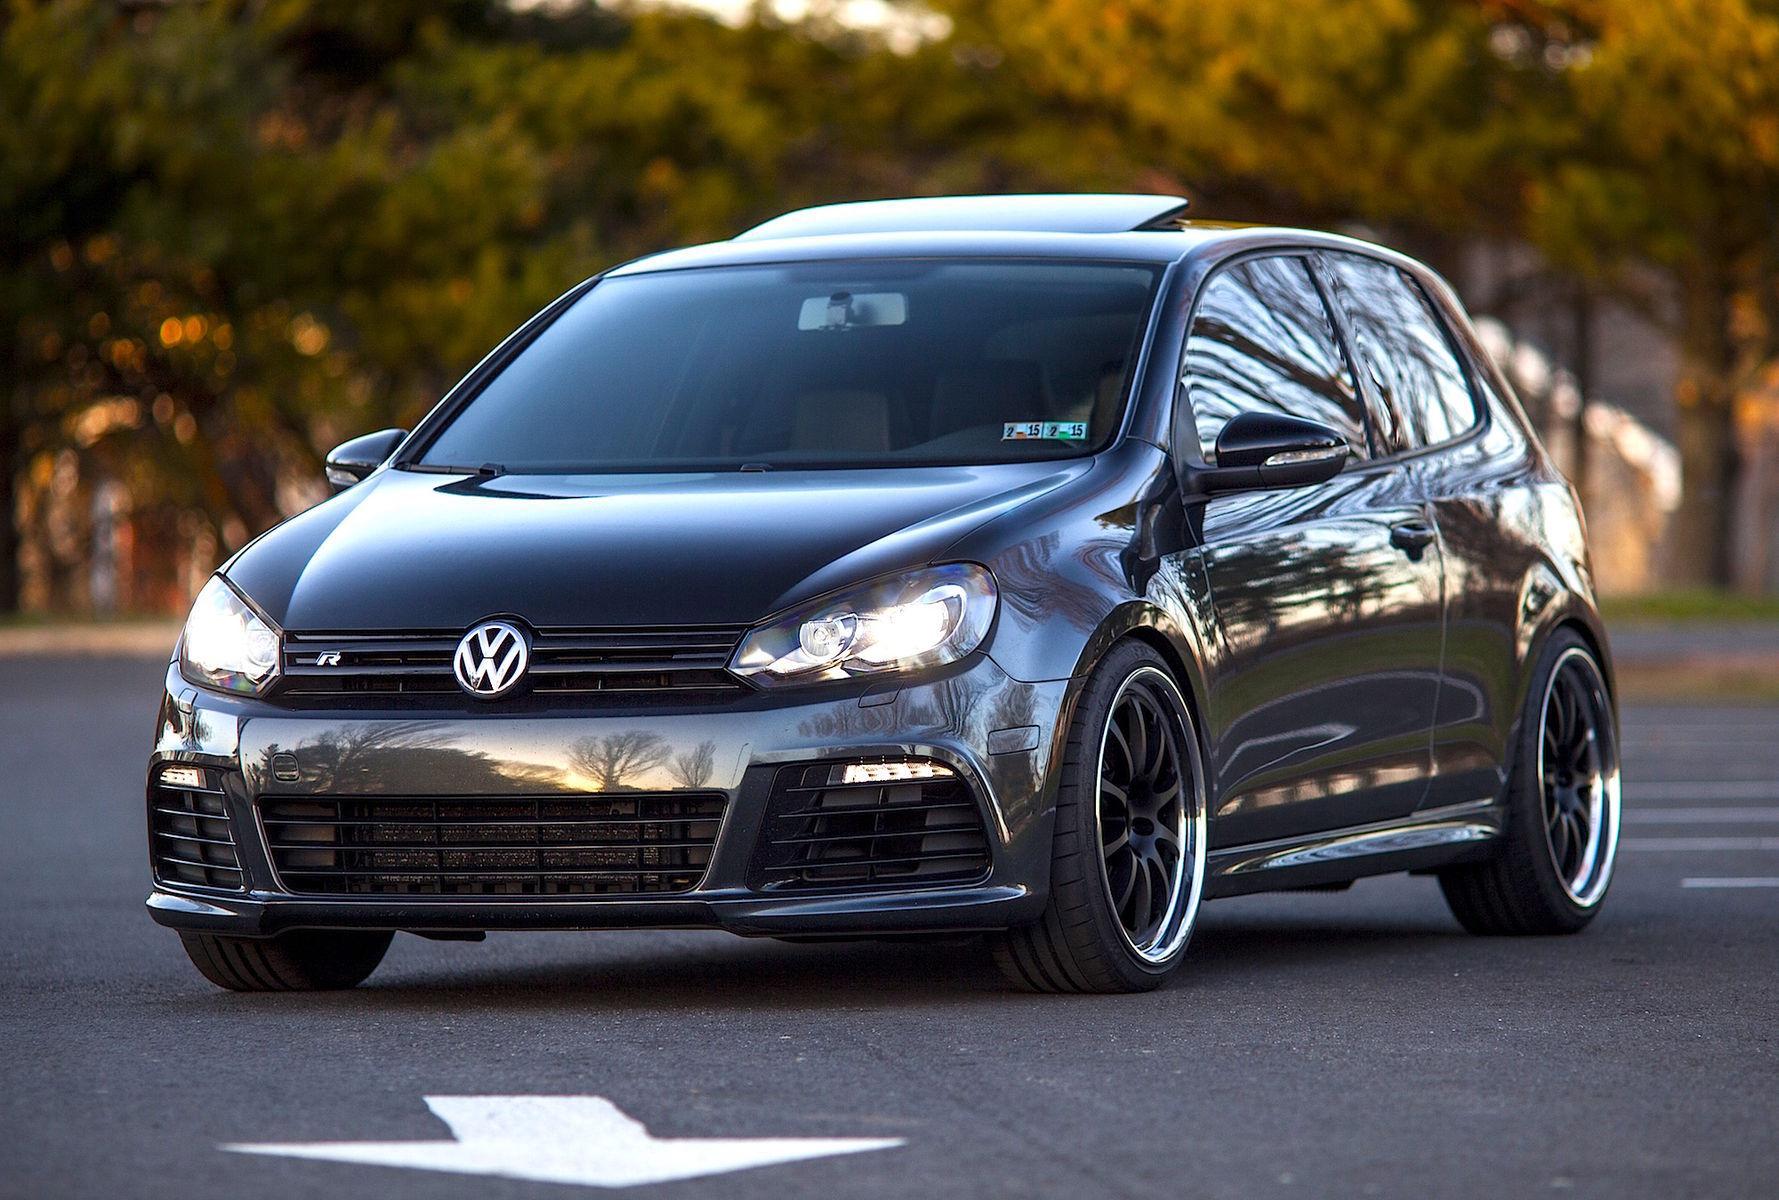 2012 Volkswagen Golf R | VW Golf R on Forgeline ZX3R Wheels